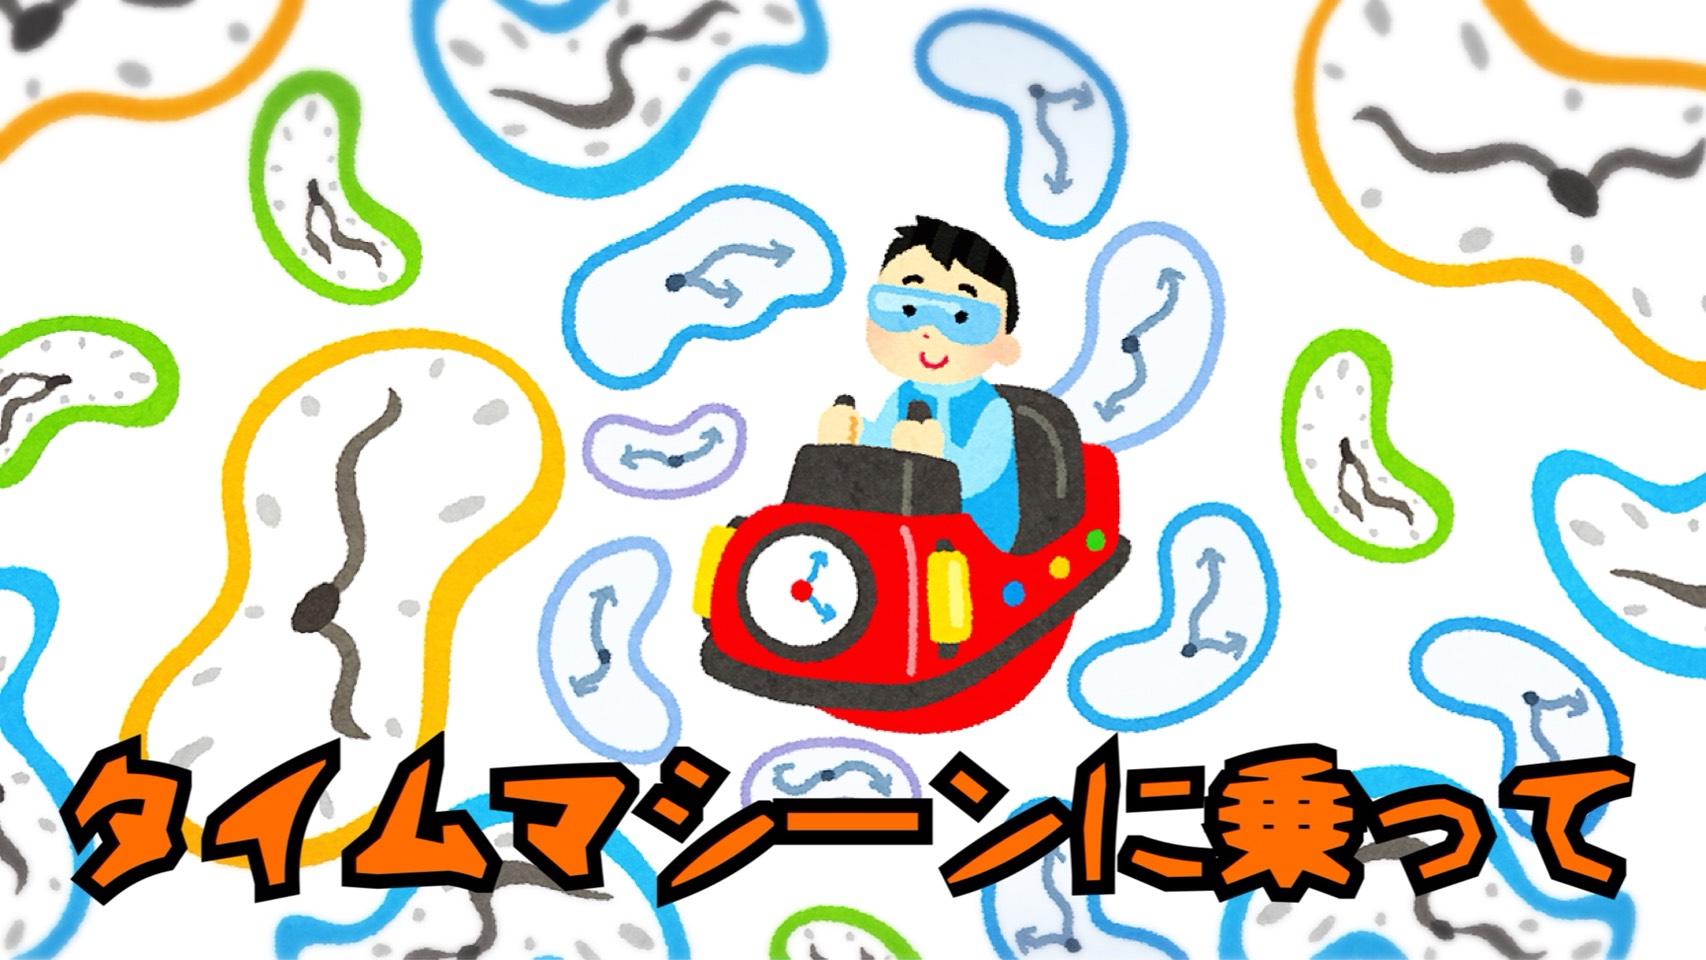 「タイムマシーンに乗って」のイメージ